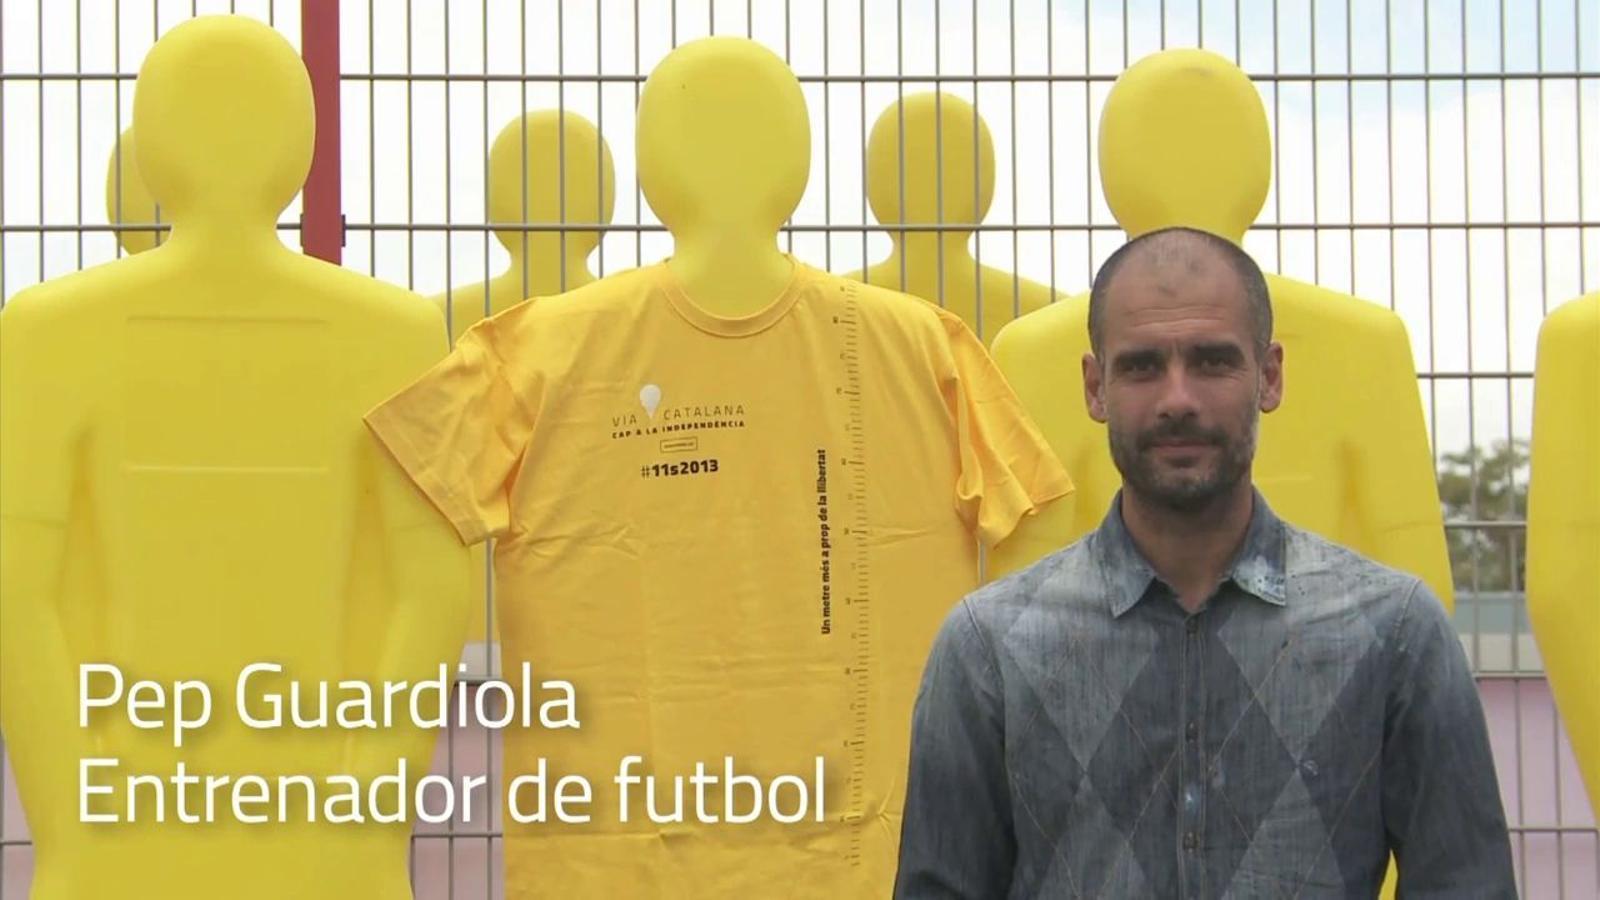 Guardiola, Dyango i Cabré donen suport a la Via Catalana